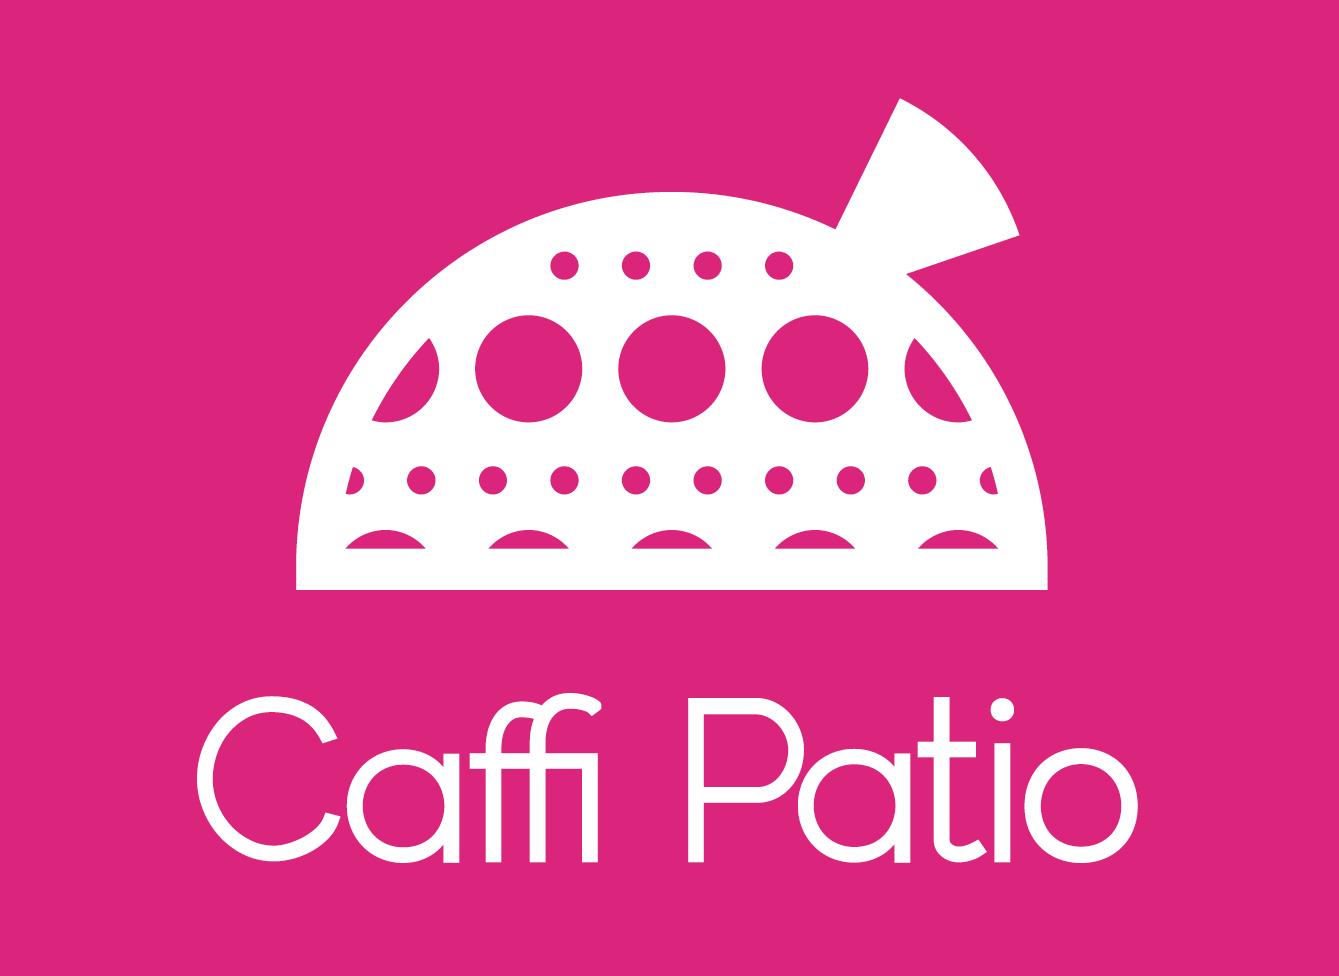 Caffi Patio